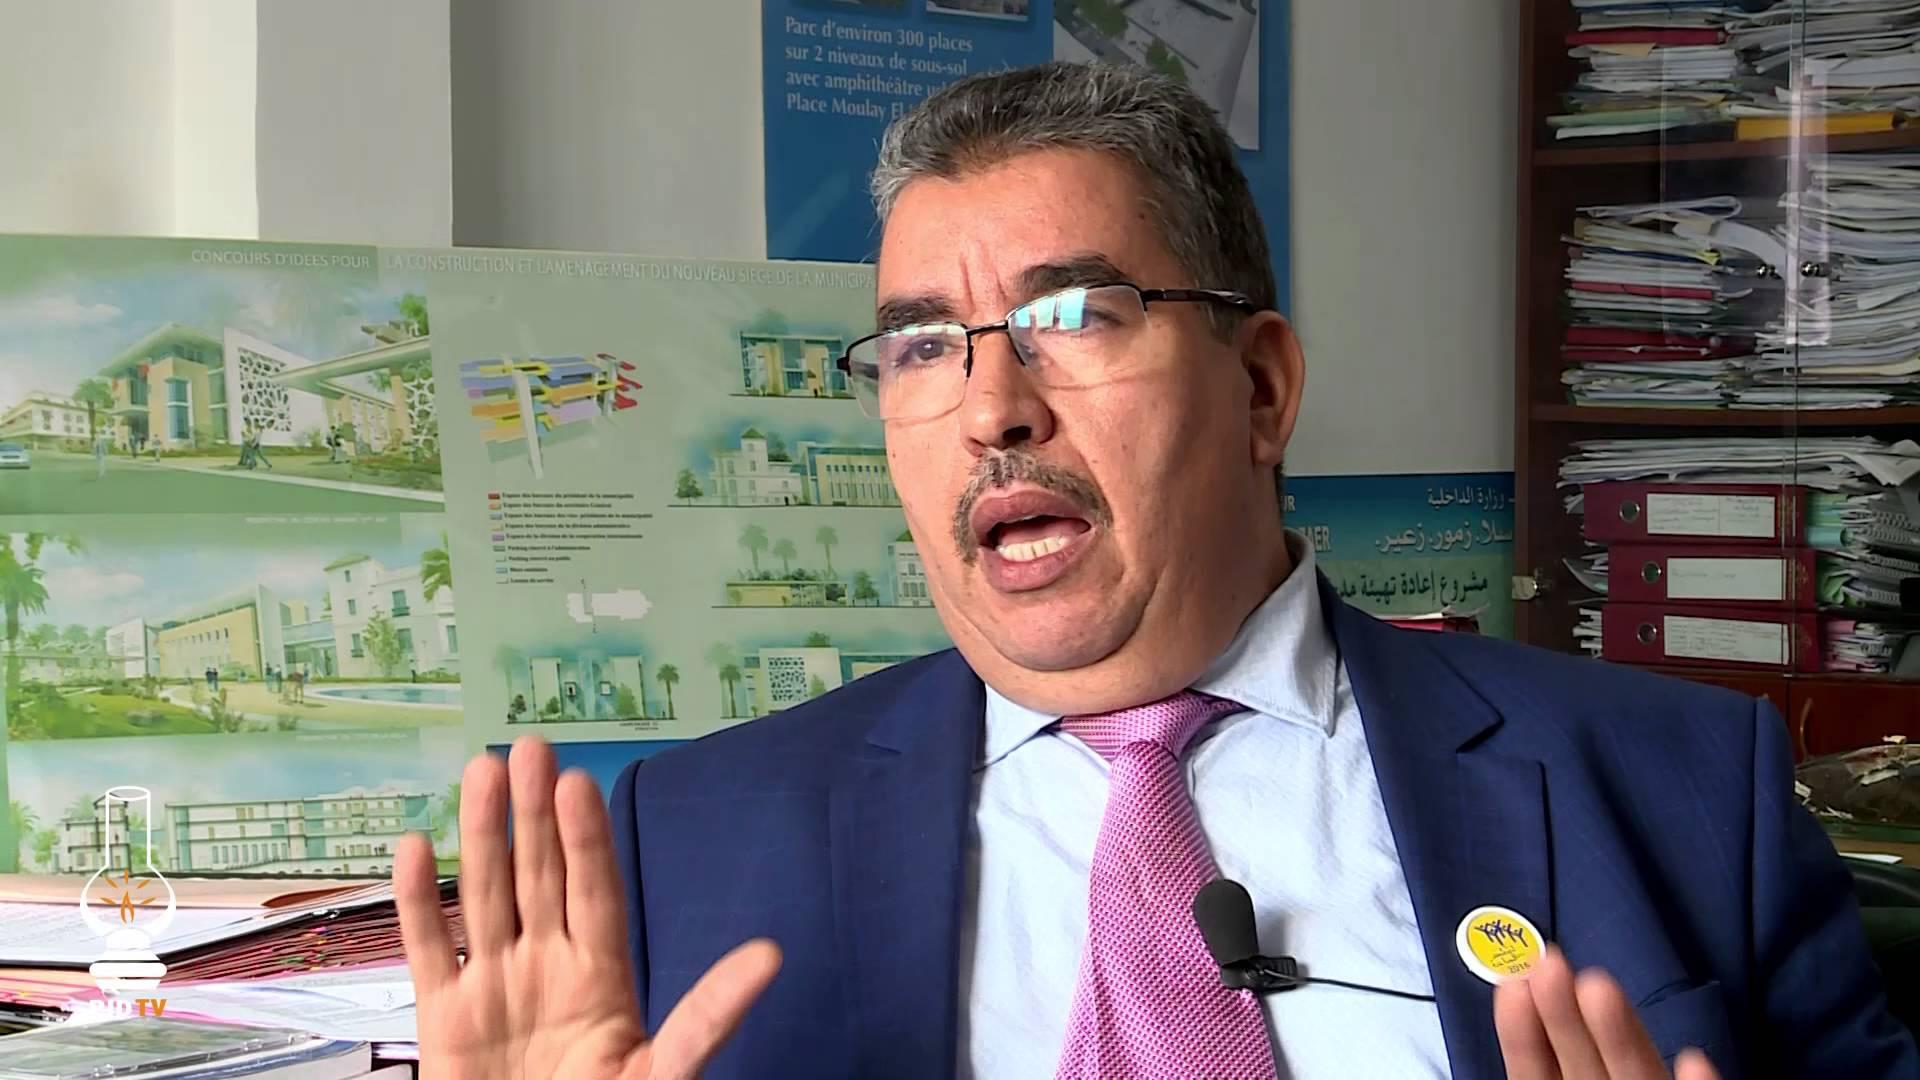 مجلس الرباط يحول مبلغ 2 مليون درهم مخصصة للقطاع الصحي لصالح مهرجان بمناسبة عيد العرش